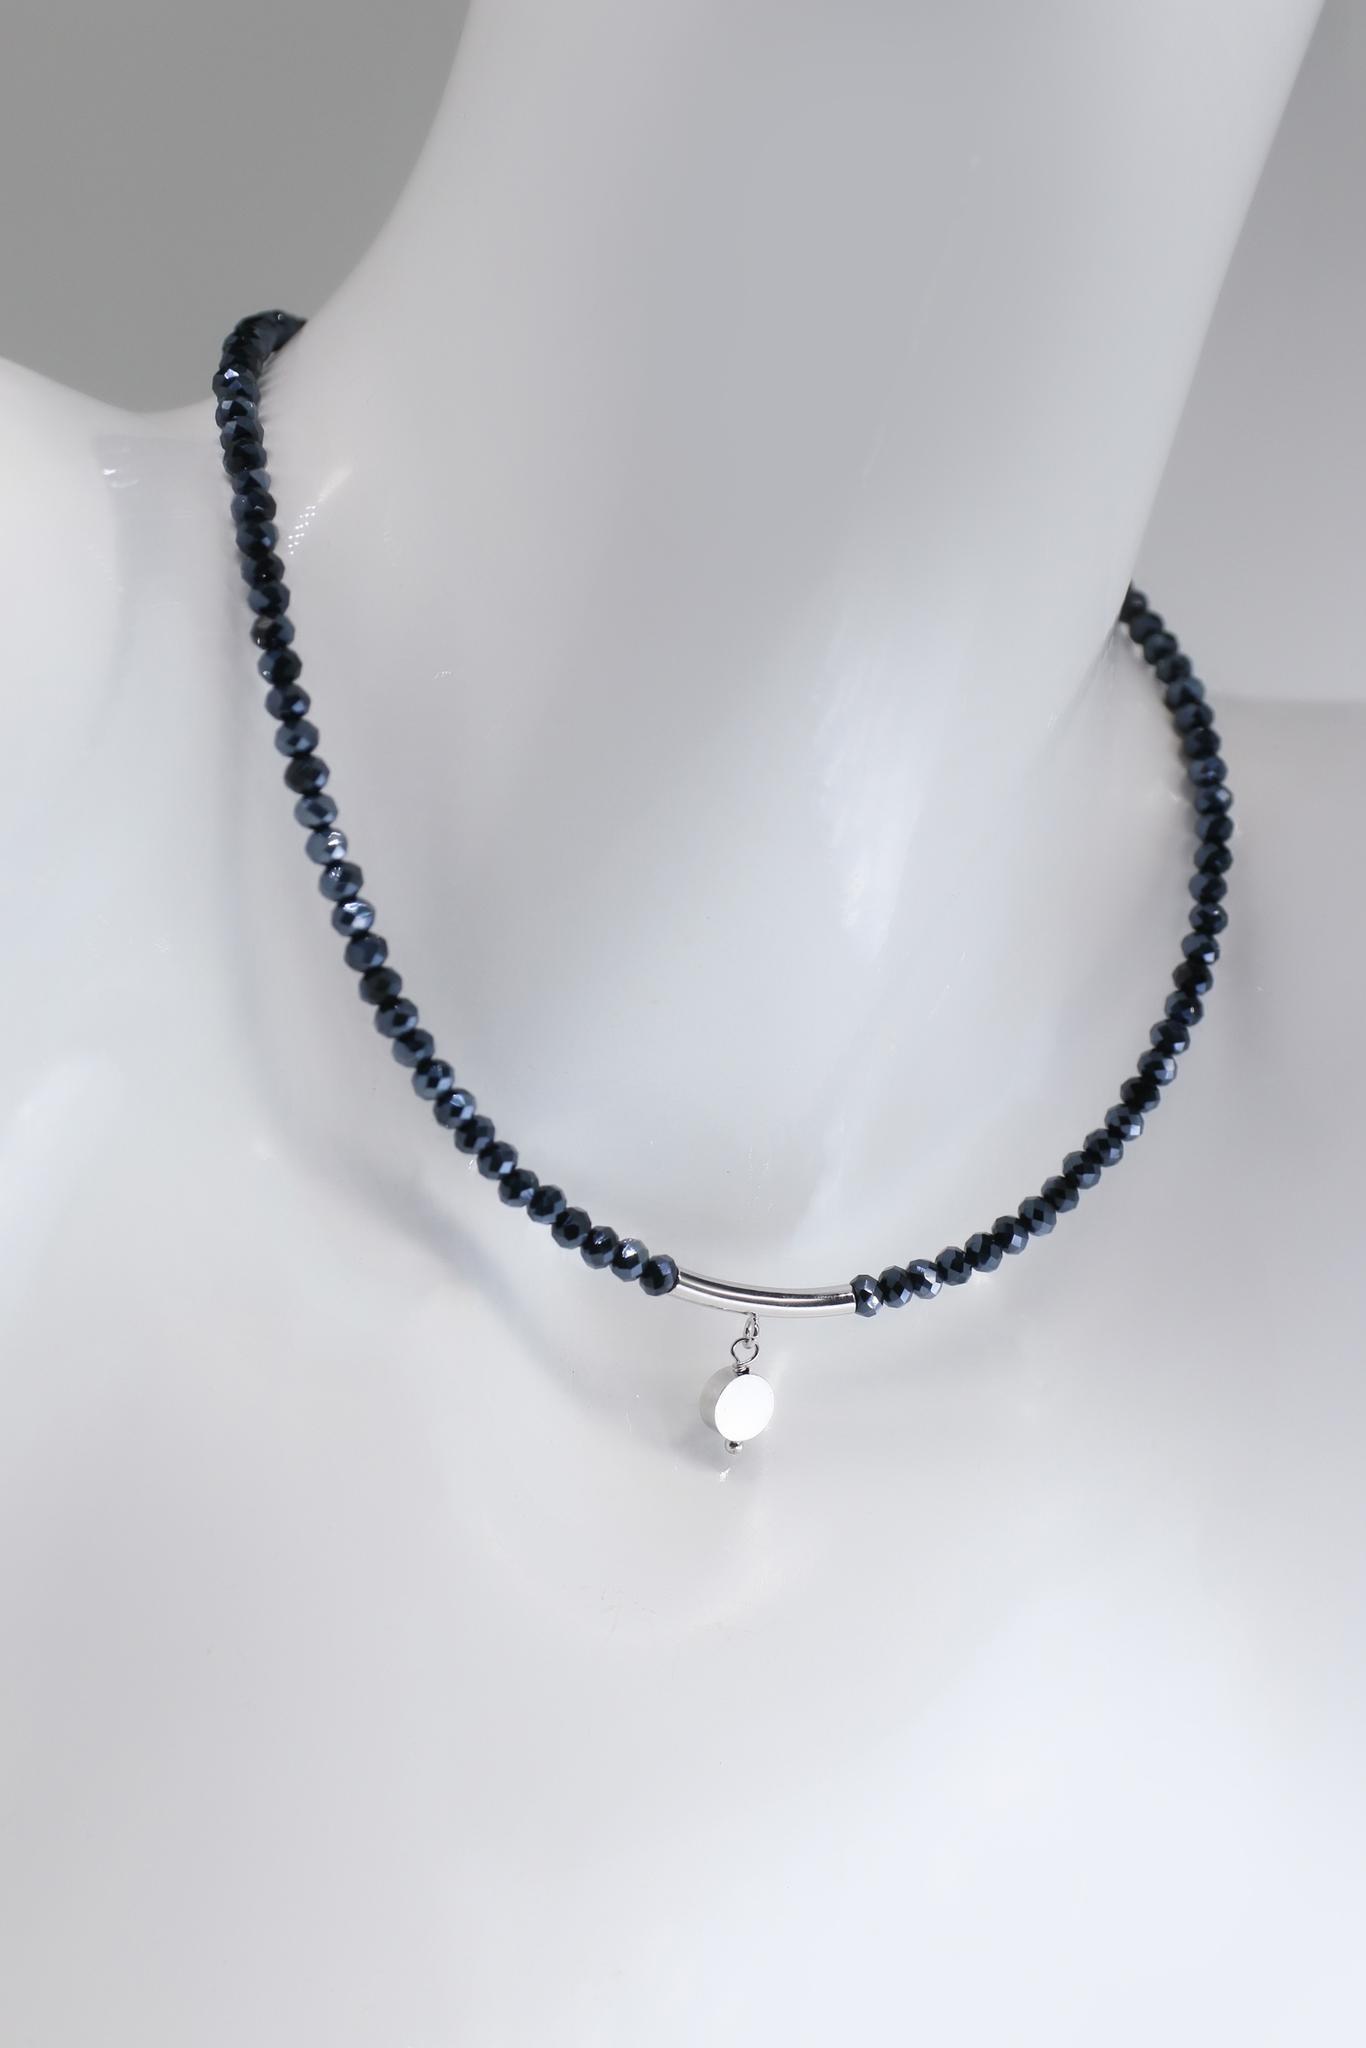 Колье-чокер из темно-синего хрусталя (4 мм)  оптом и в розницу